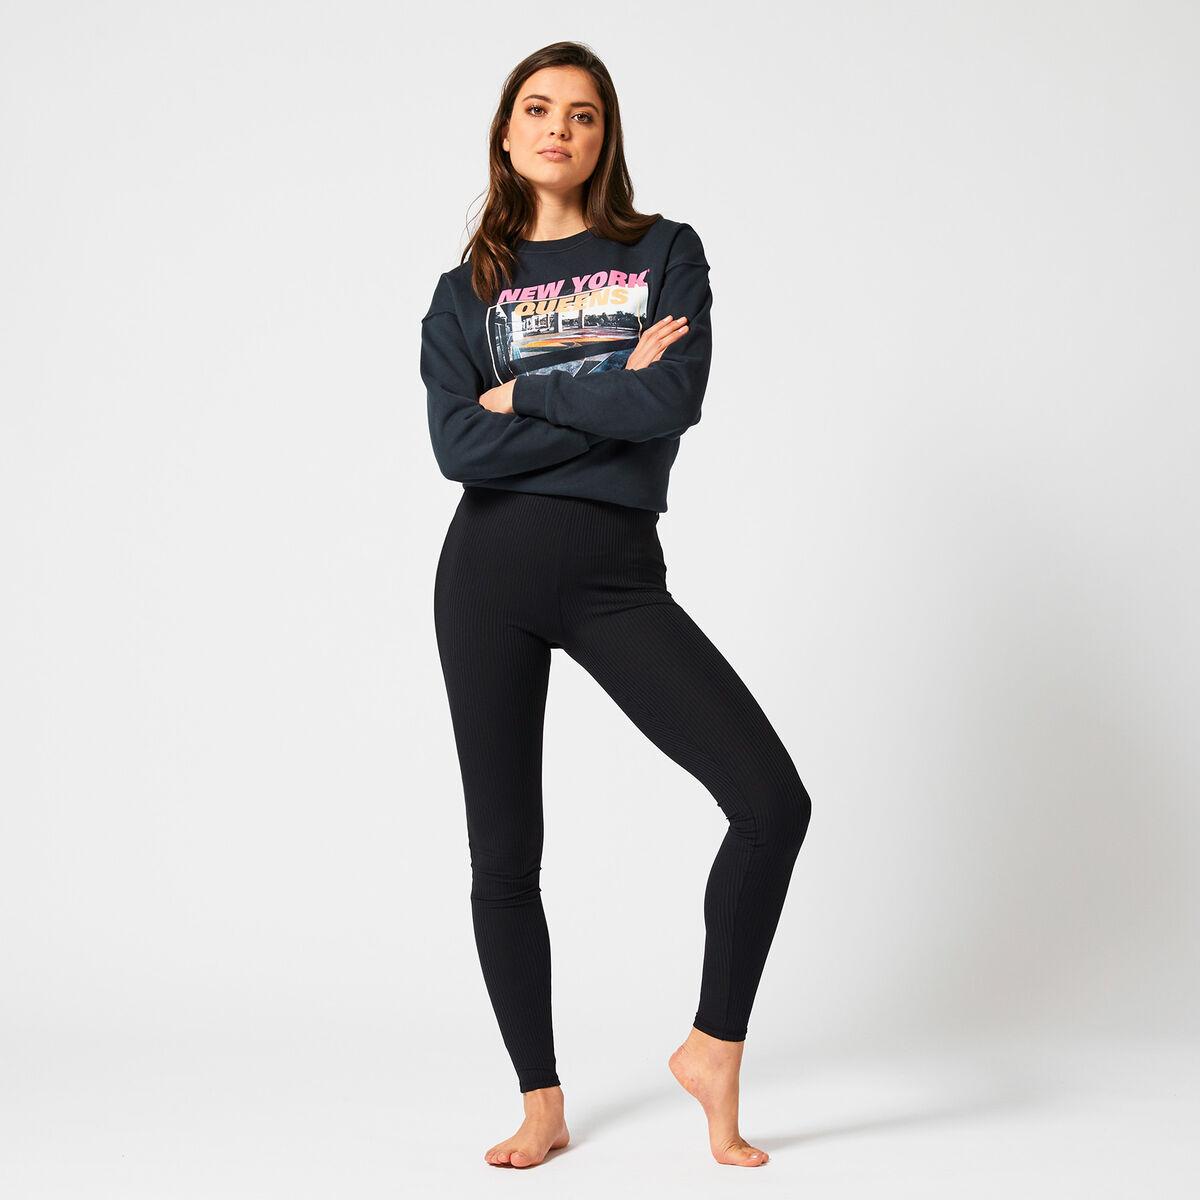 Legging Lori Legging